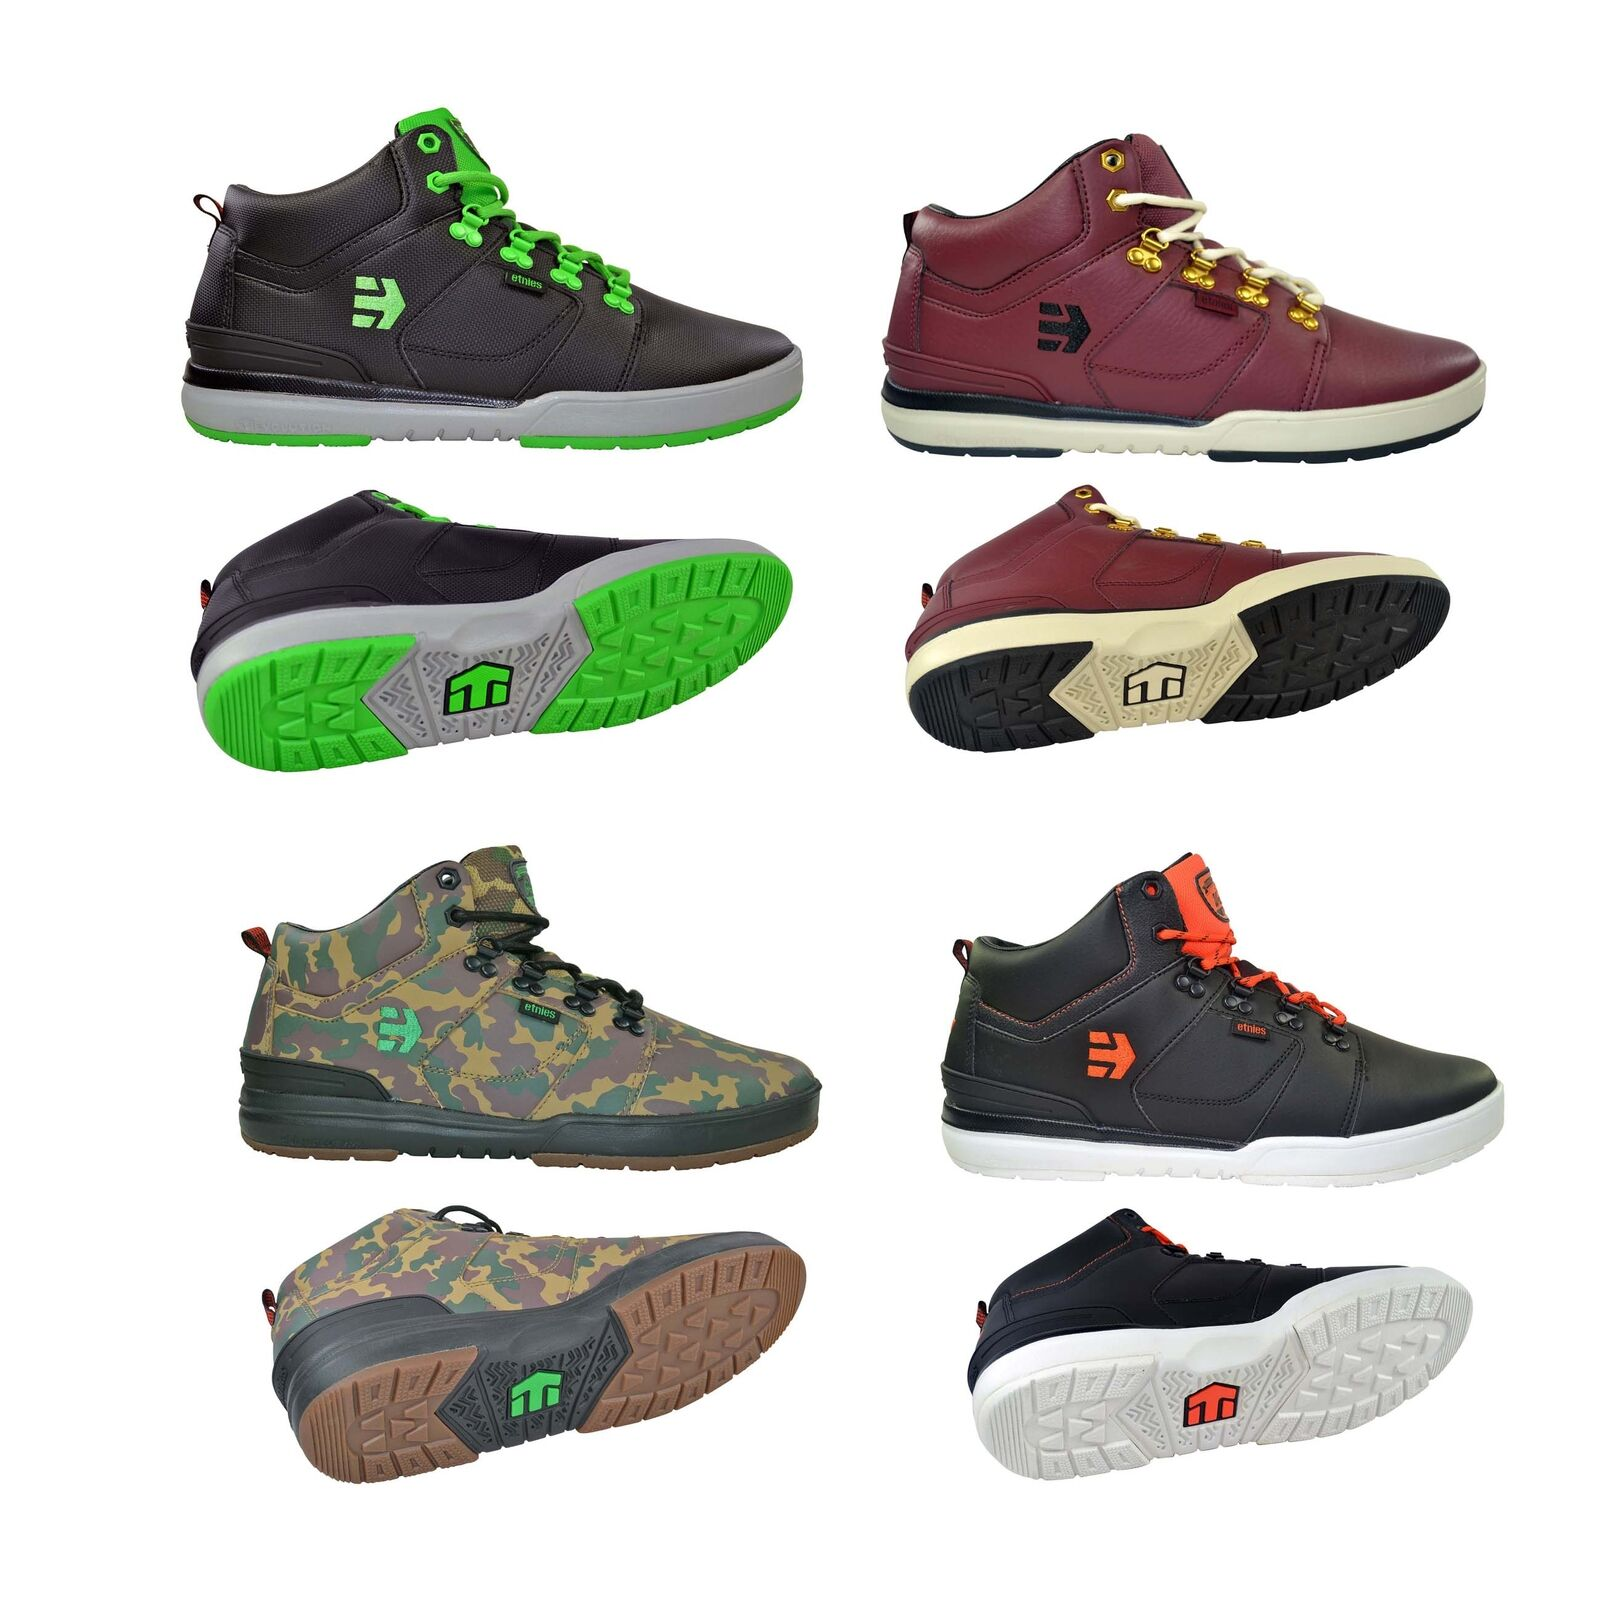 Grandes descuentos nuevos zapatos UV584 Scarpe Zapatillas LEATHER CROWN 42 uomo